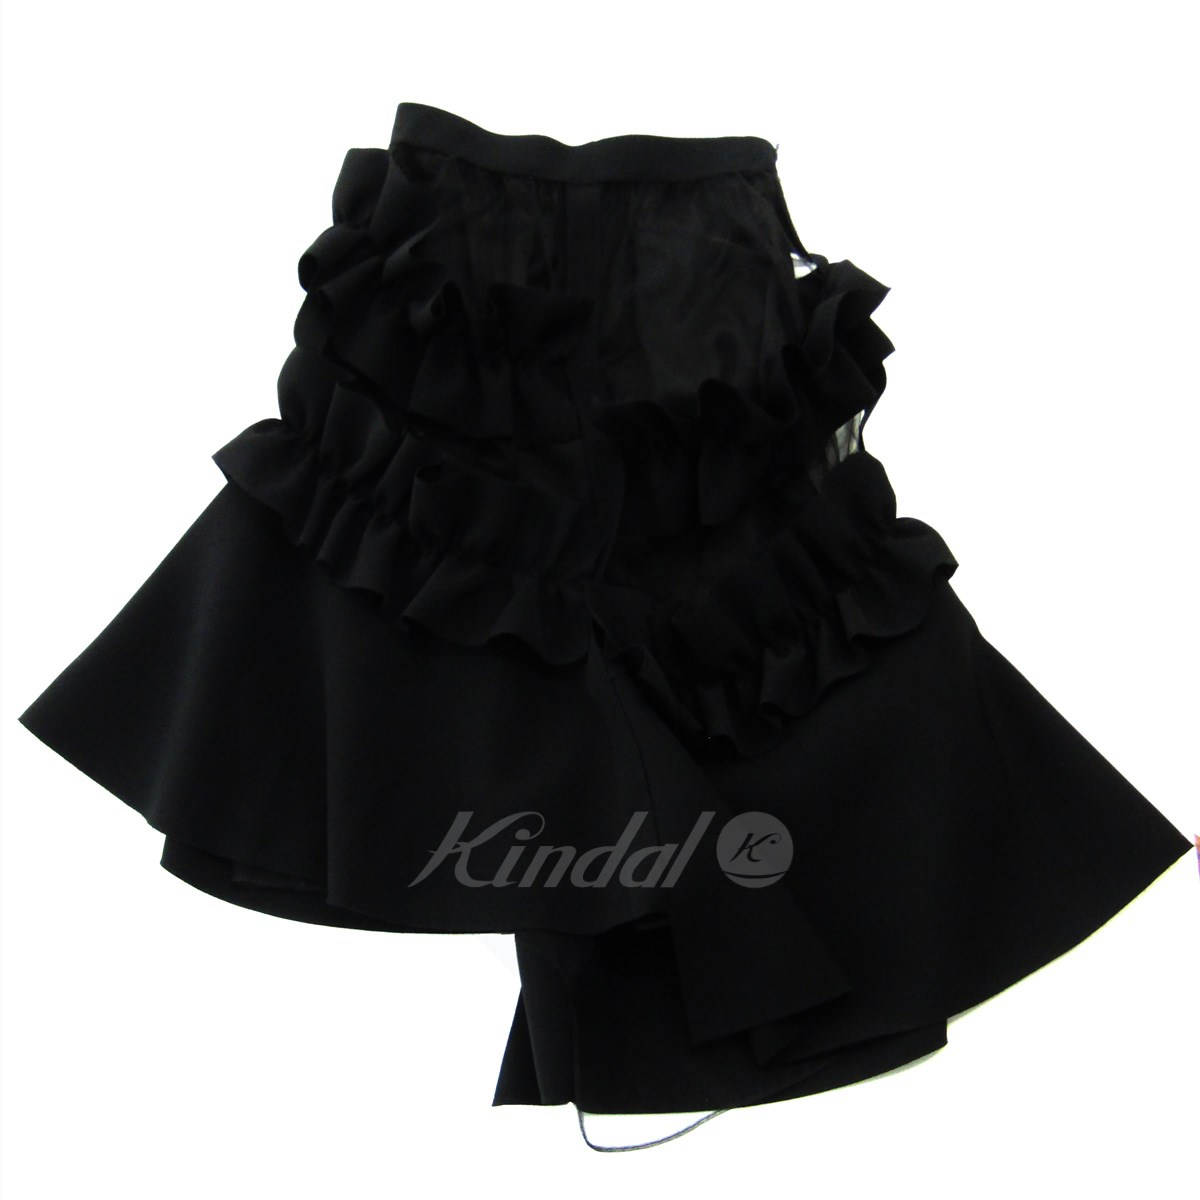 【中古】J KOO 2018AW RUFFLED SKIRT 変形スカート ブラック サイズ:S 【130519】(ジェイ クー)